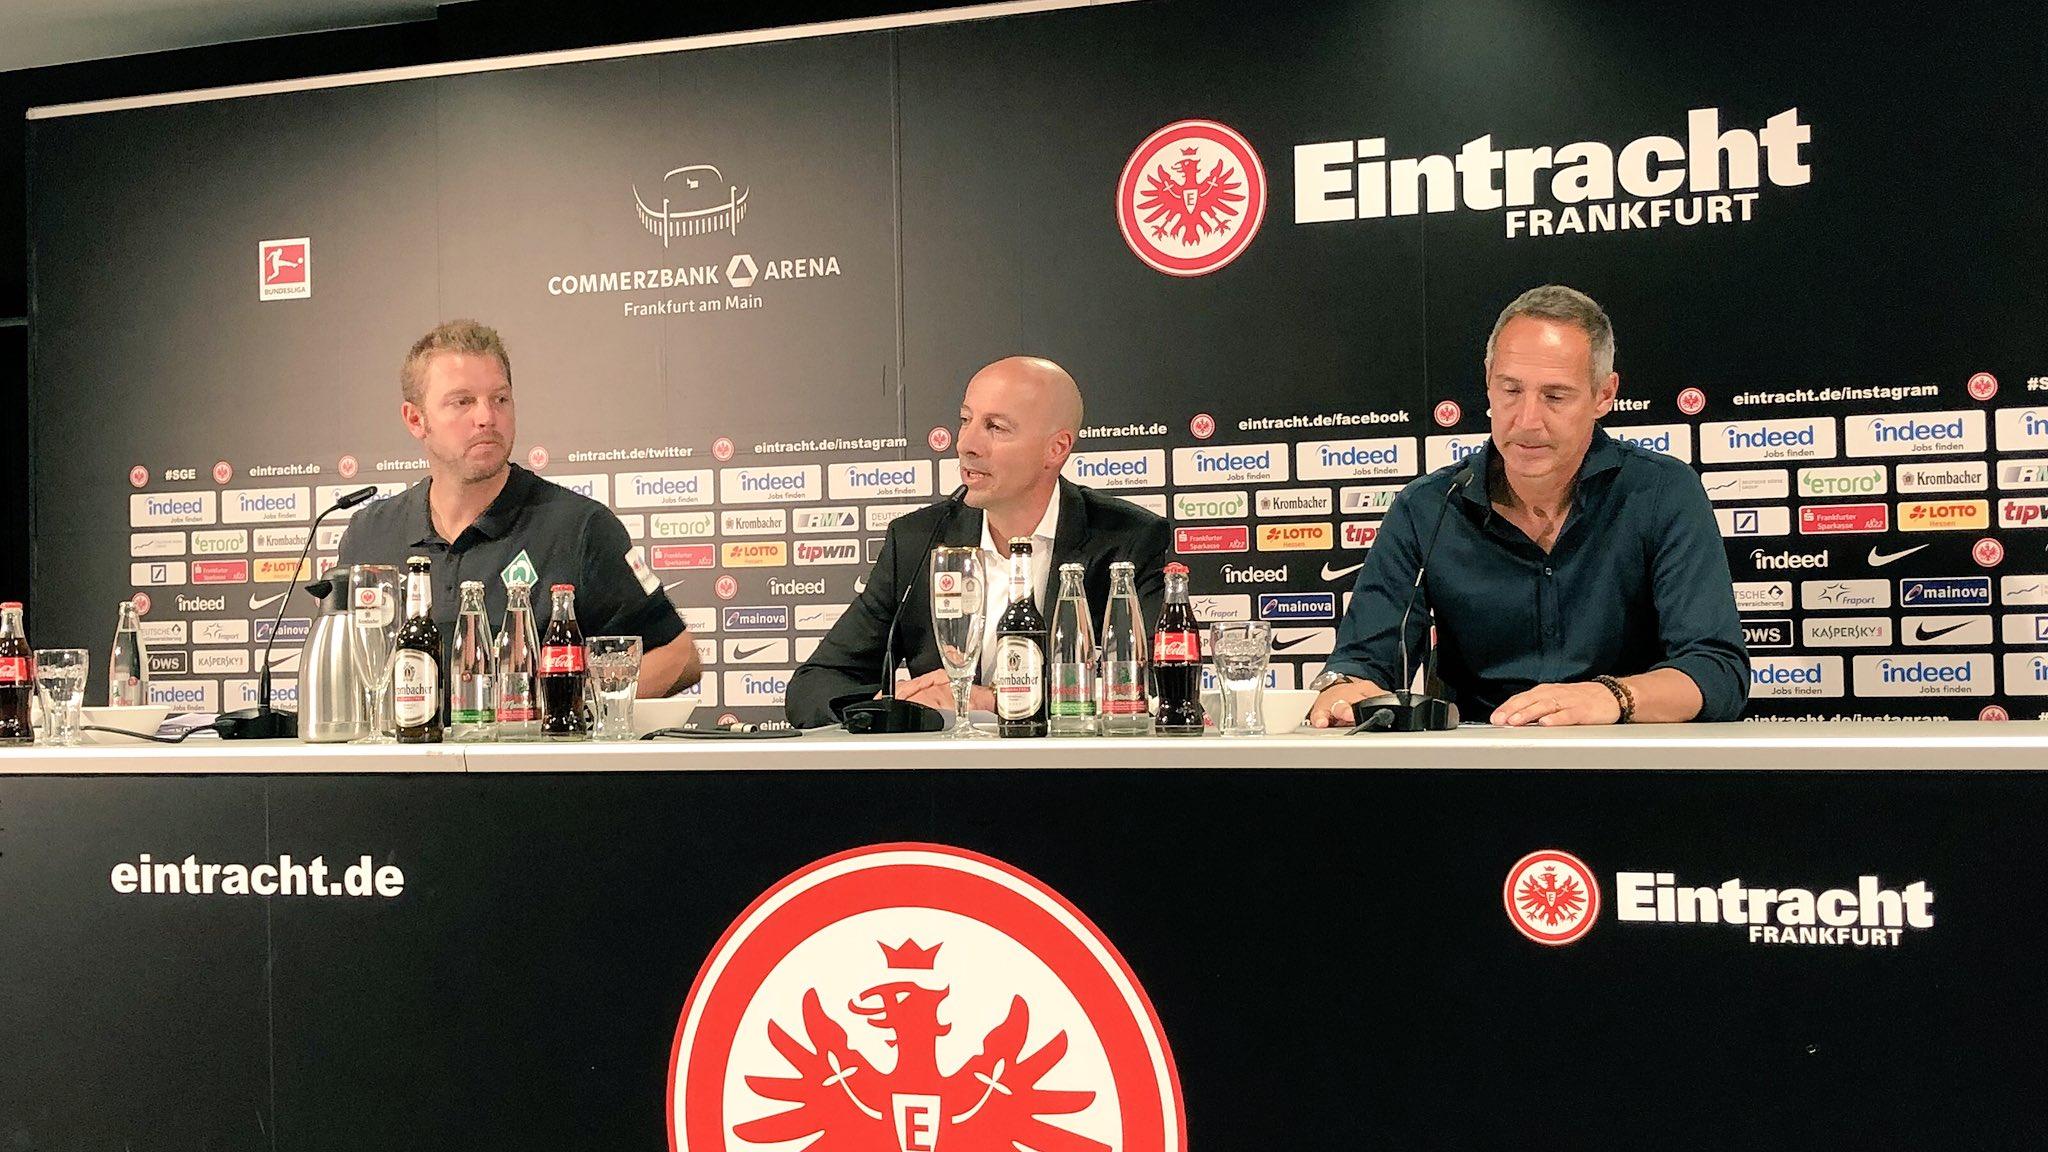 Eintracht Frankfurt Twitter